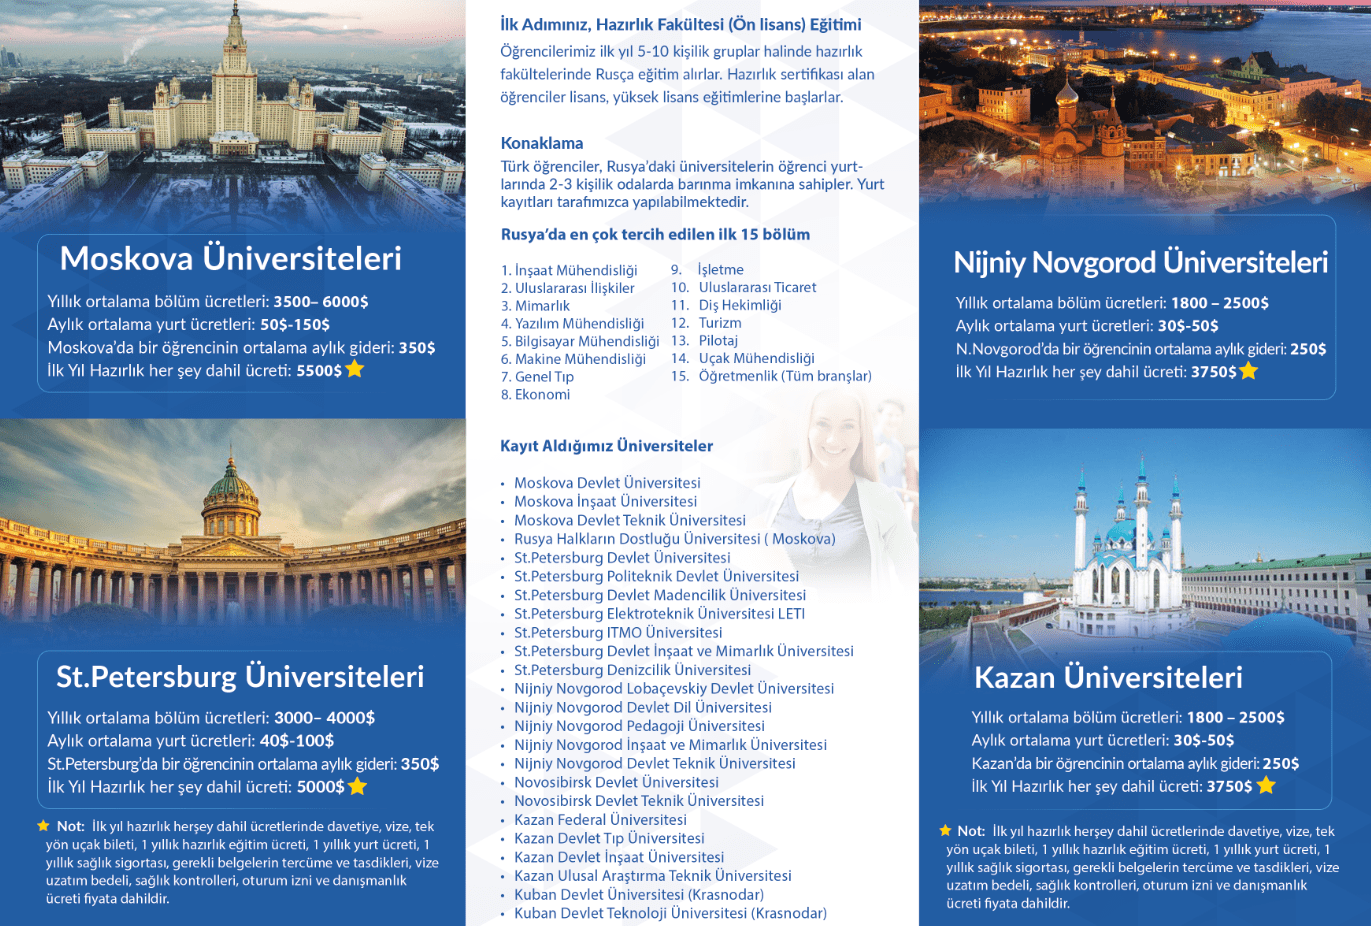 Rusya'da Eğitim ücretleri, Rusya üniversite fiyatları, Rusya şehirleride aylık gider.